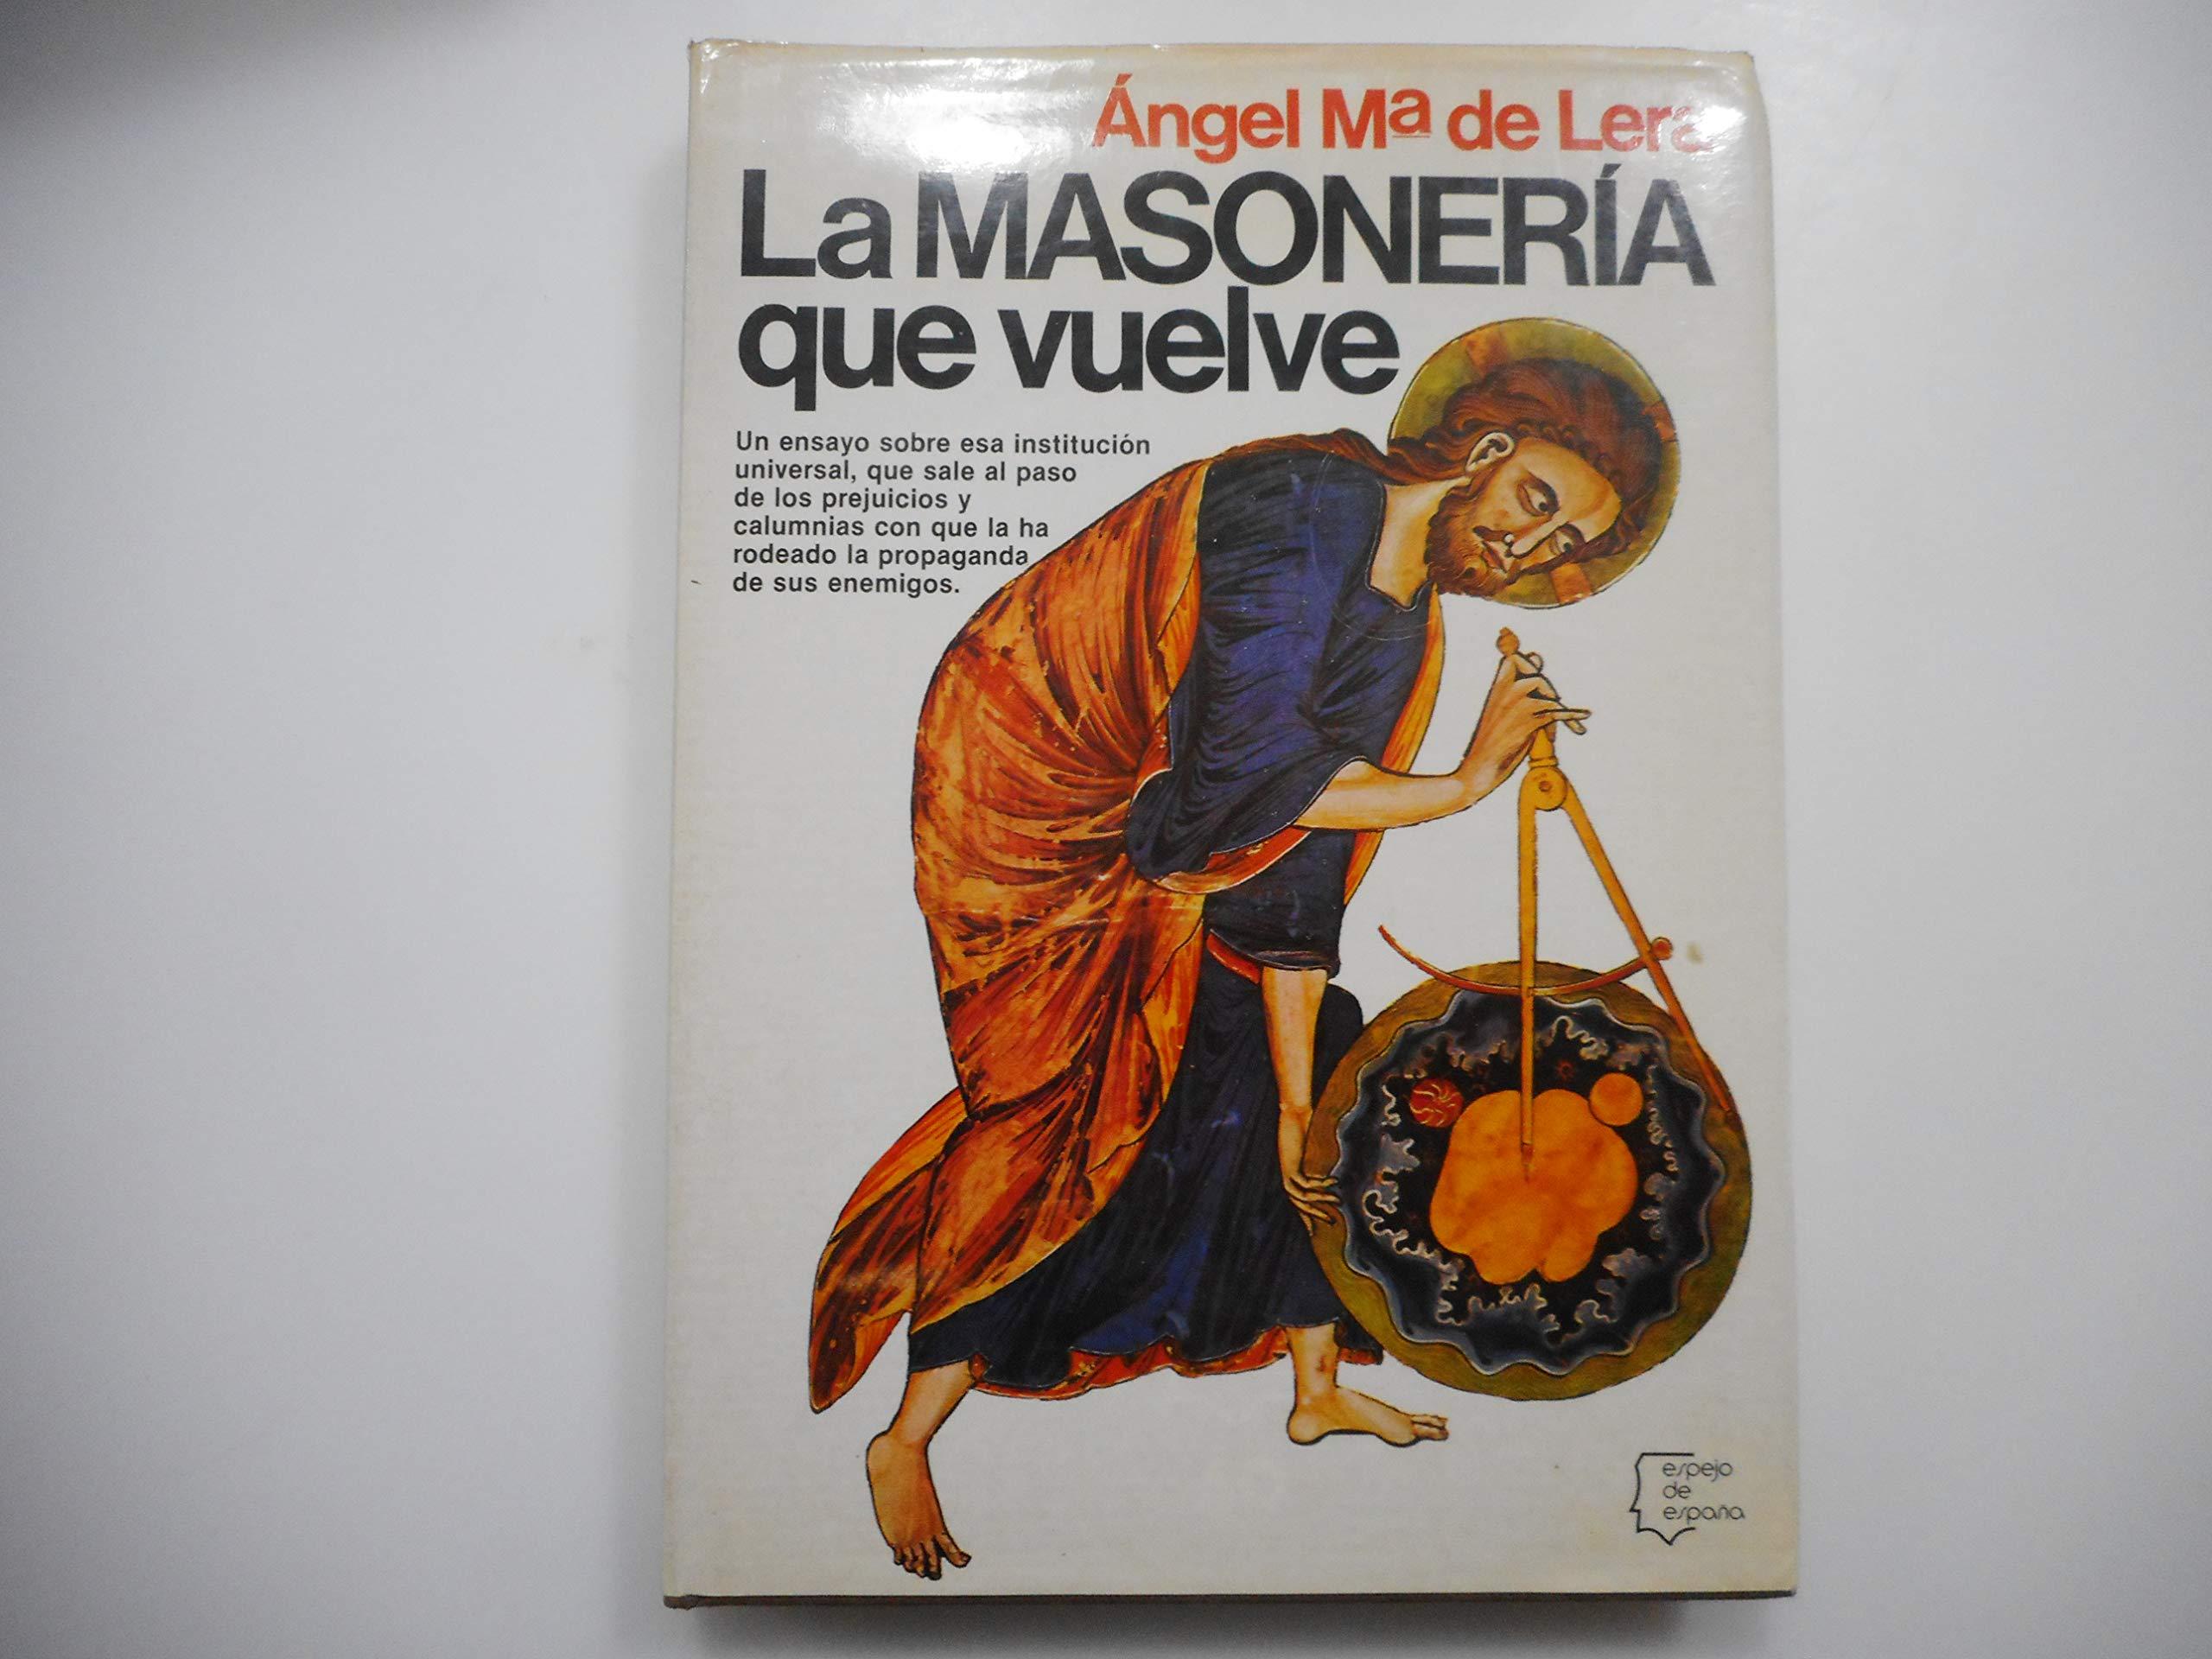 Masoneria que vuelve, la (Espejo de España): Amazon.es: Lera, Ángel María de: Libros